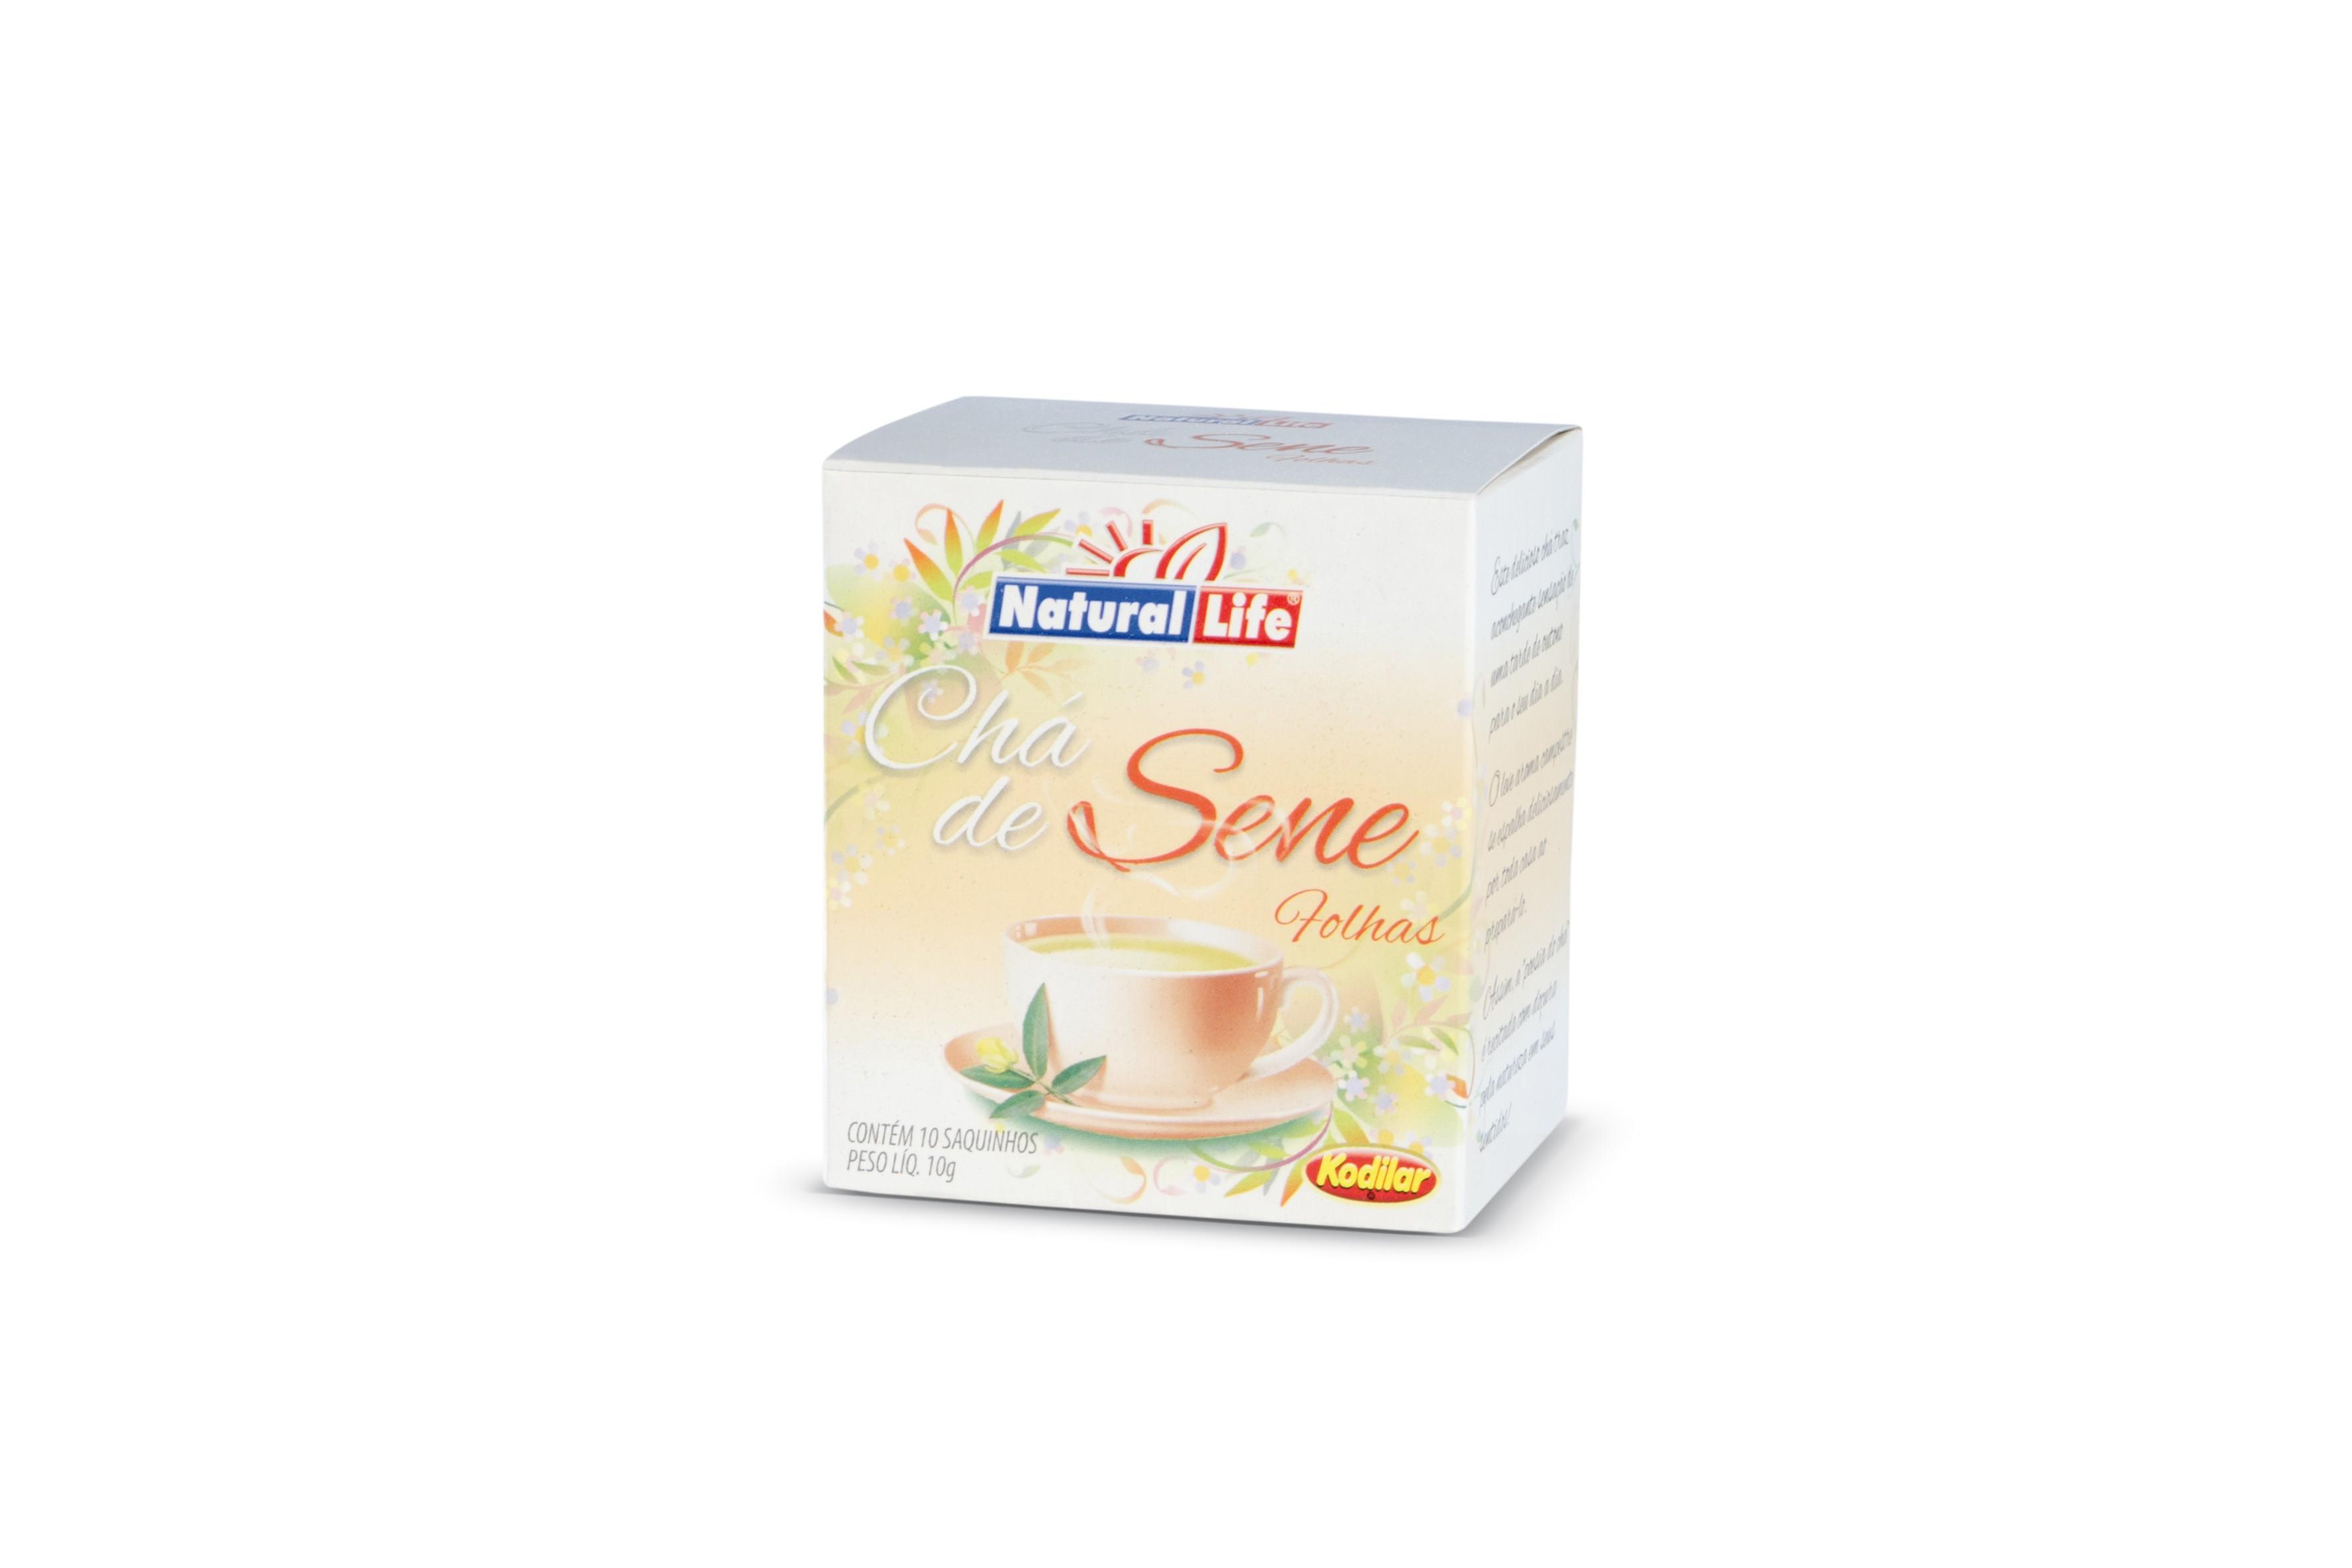 Chá de Sene Folhas (10 Sachês) Natural Life